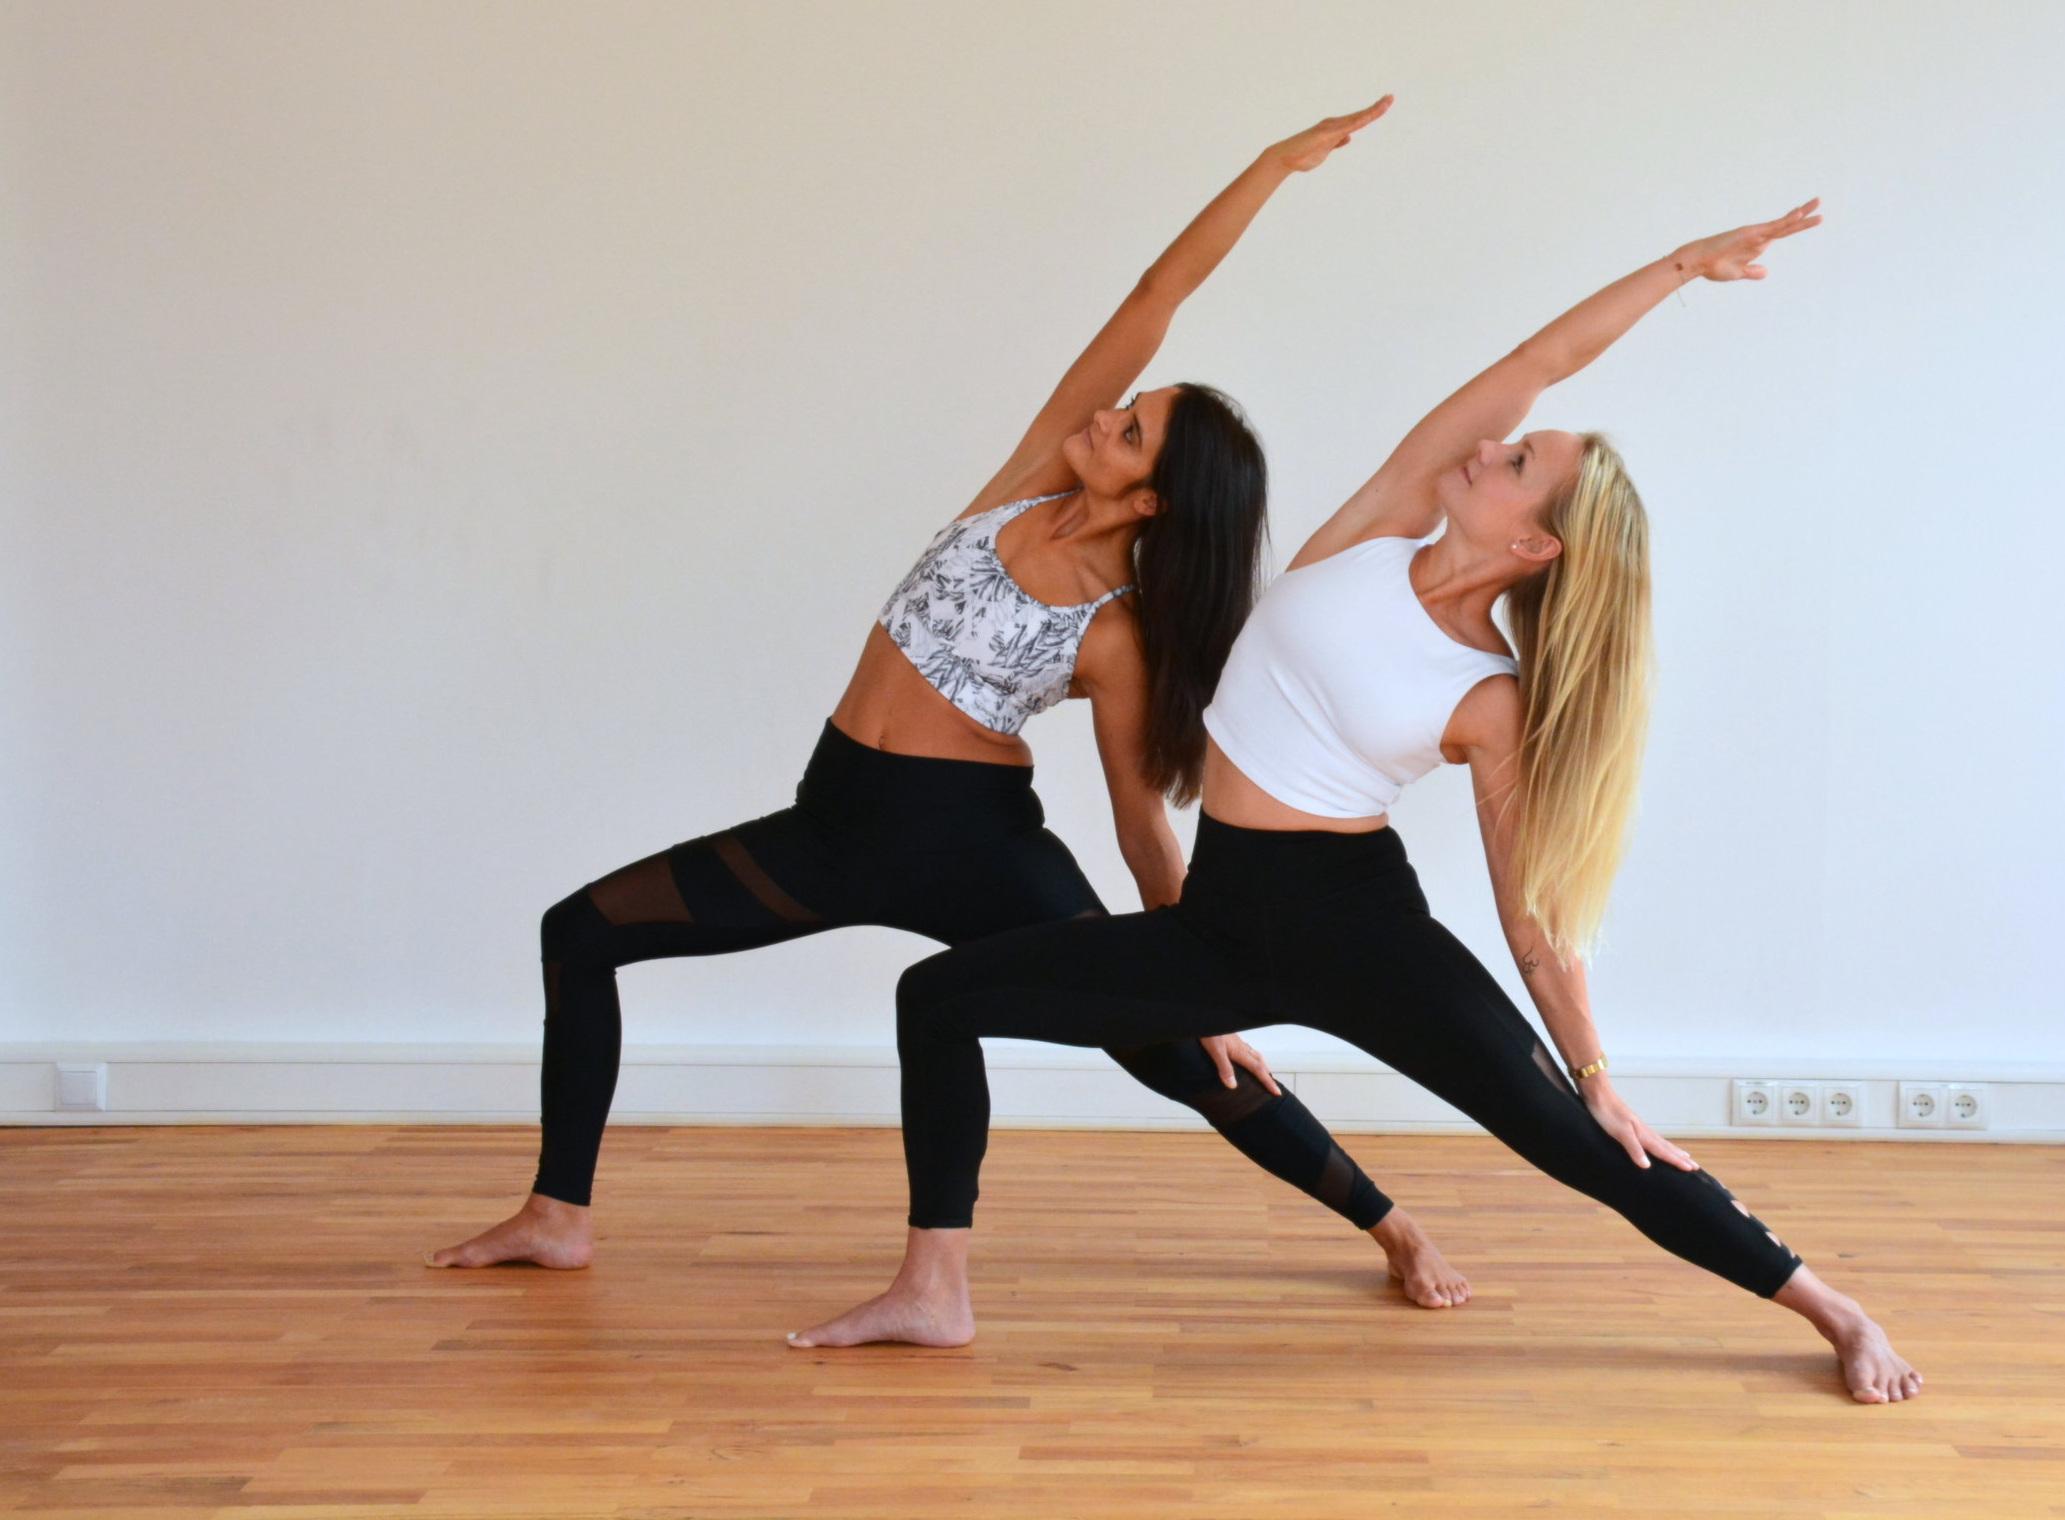 Vinyasa Flow 1-2 - Vinyasa Flow 1- 2 ist eine Klasse für sportliche Yogaeinsteiger und alle, die schon öfters Yoga gemacht haben, die Grundhaltungen kennen und gerne in entspanntem und spielerischem Rahmen neue Positionen ausprobieren bzw. vertiefen möchten. Die Grundhaltungen werden frei miteinander kombiniert und ergeben in Verbindung mit dem Atem eine dynamische, kraftvolle und fliessende Yogapraxis. Die Schwerpunkte und Herausforderungen der Stunden sind aufeinander aufbauend, sodass auch Yogaeinsteiger mitmachen können.